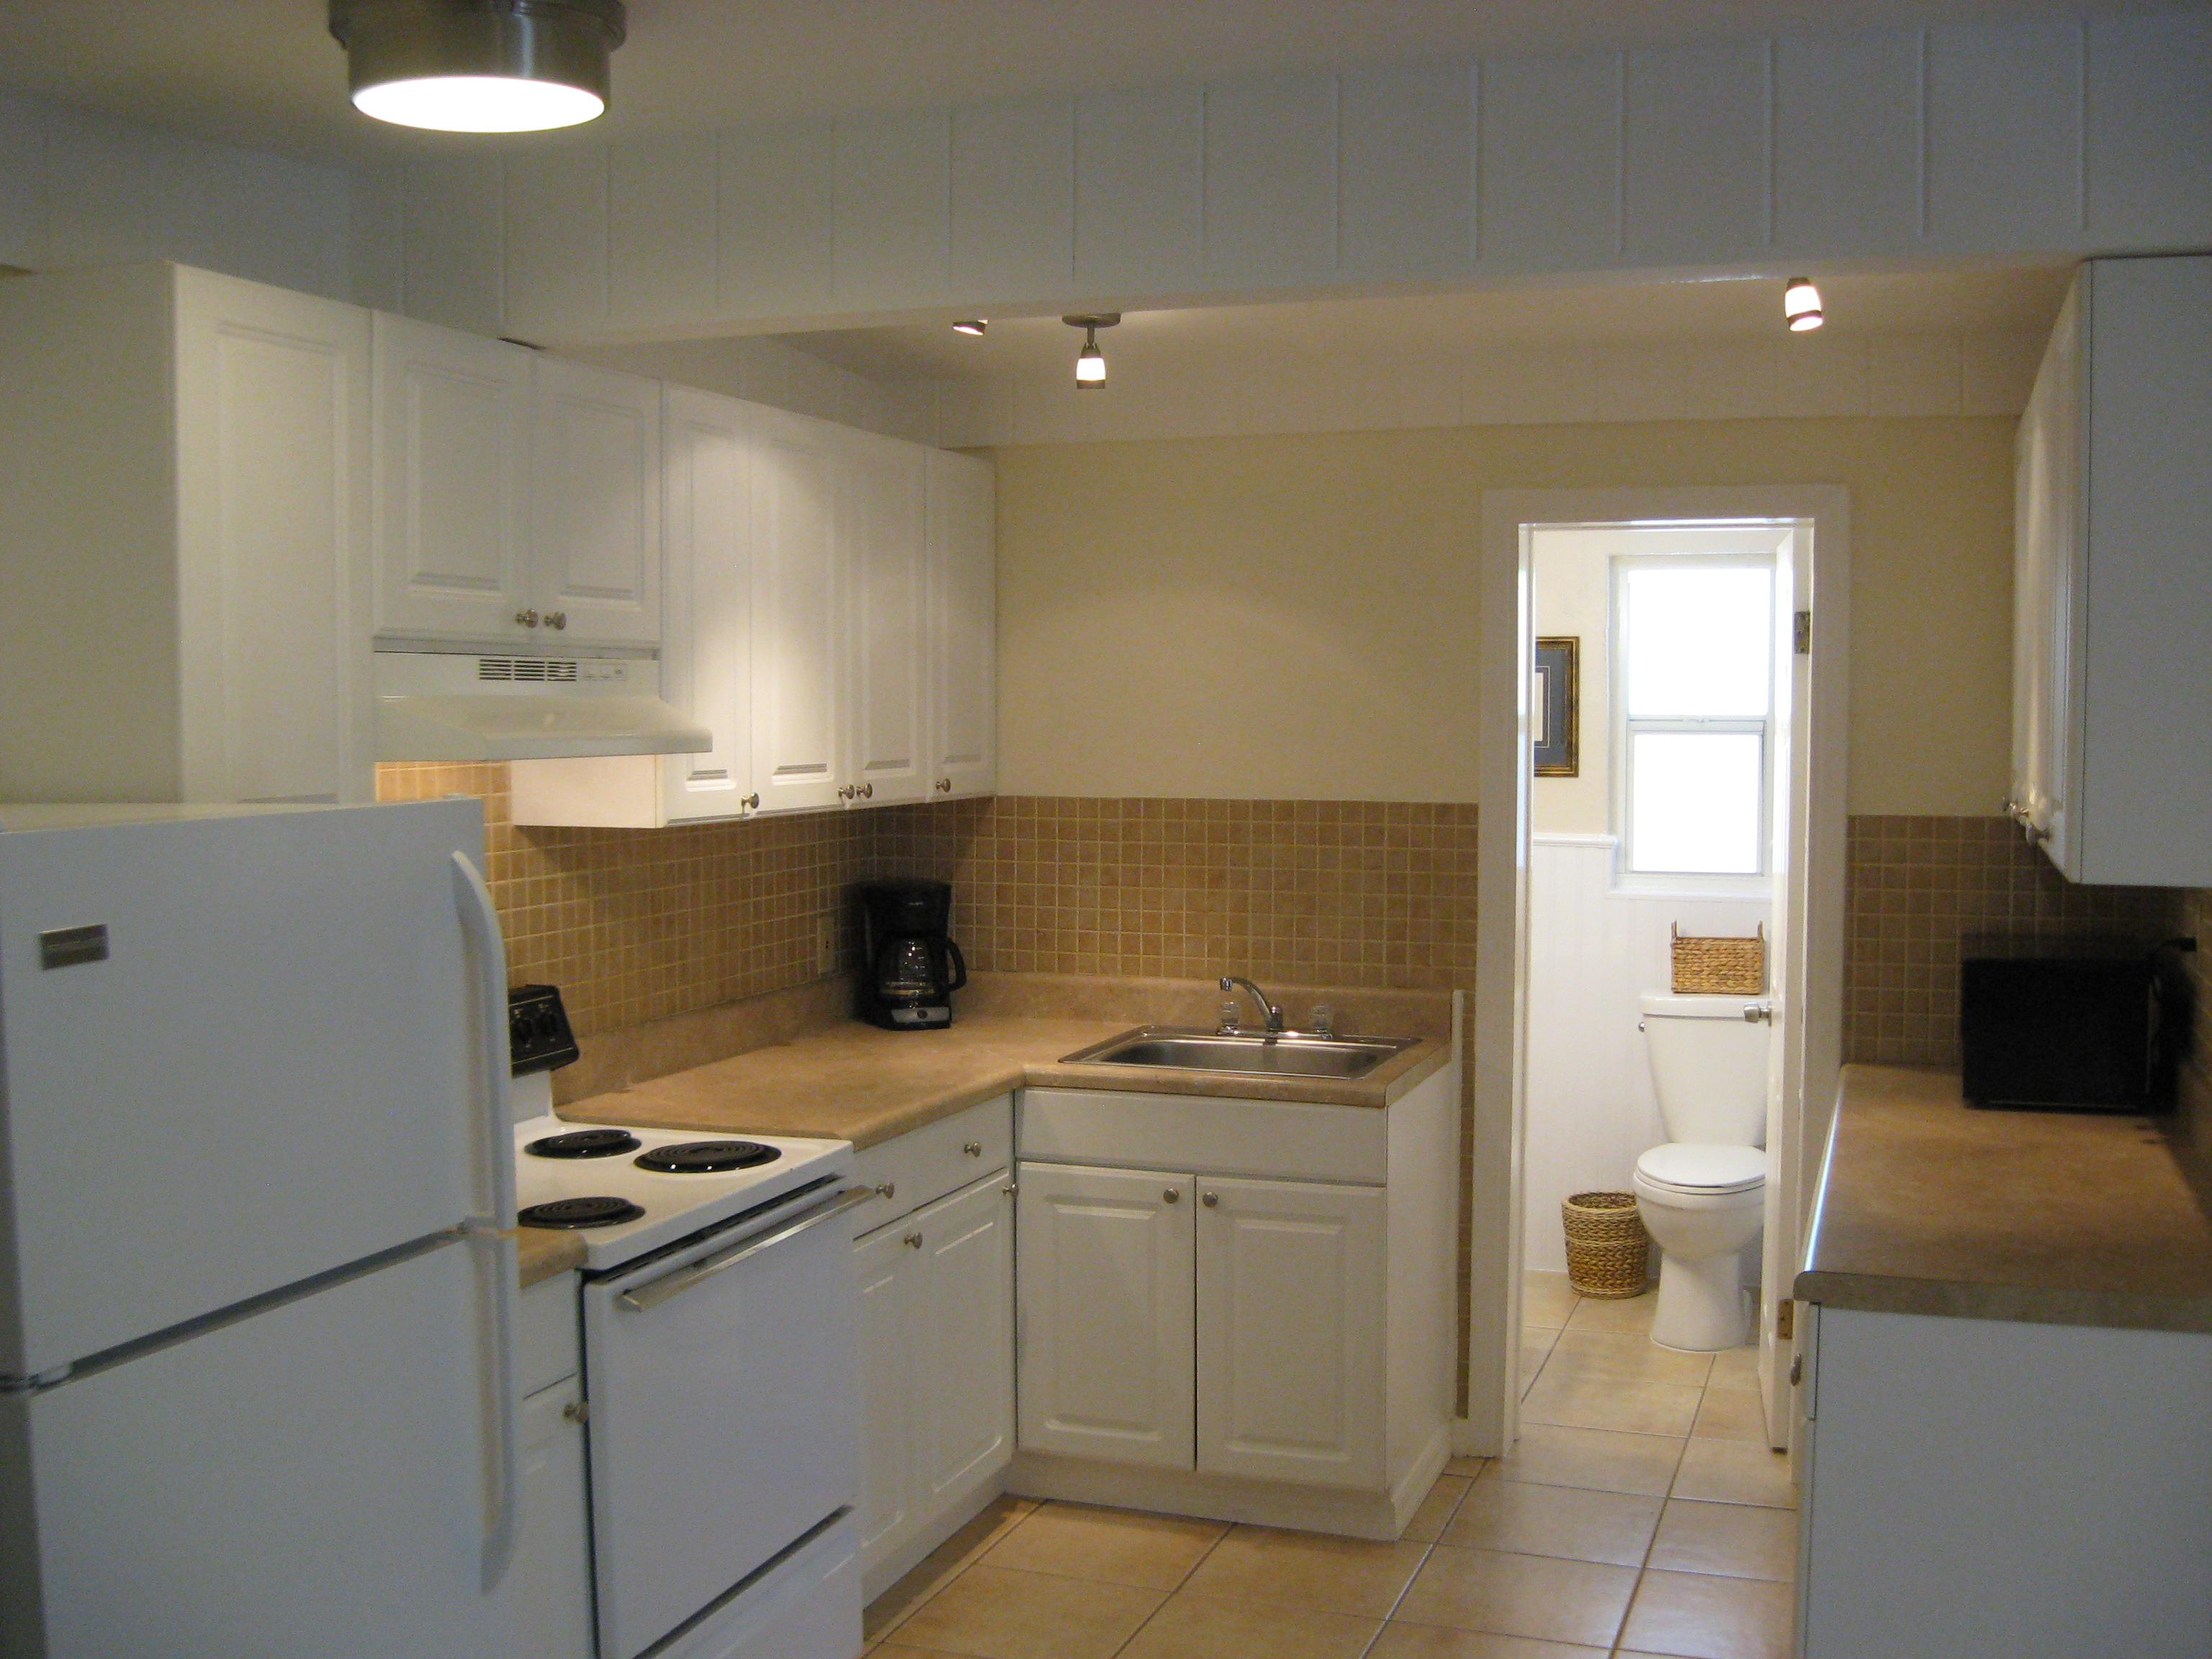 Highview_Suite 2 Kitchen